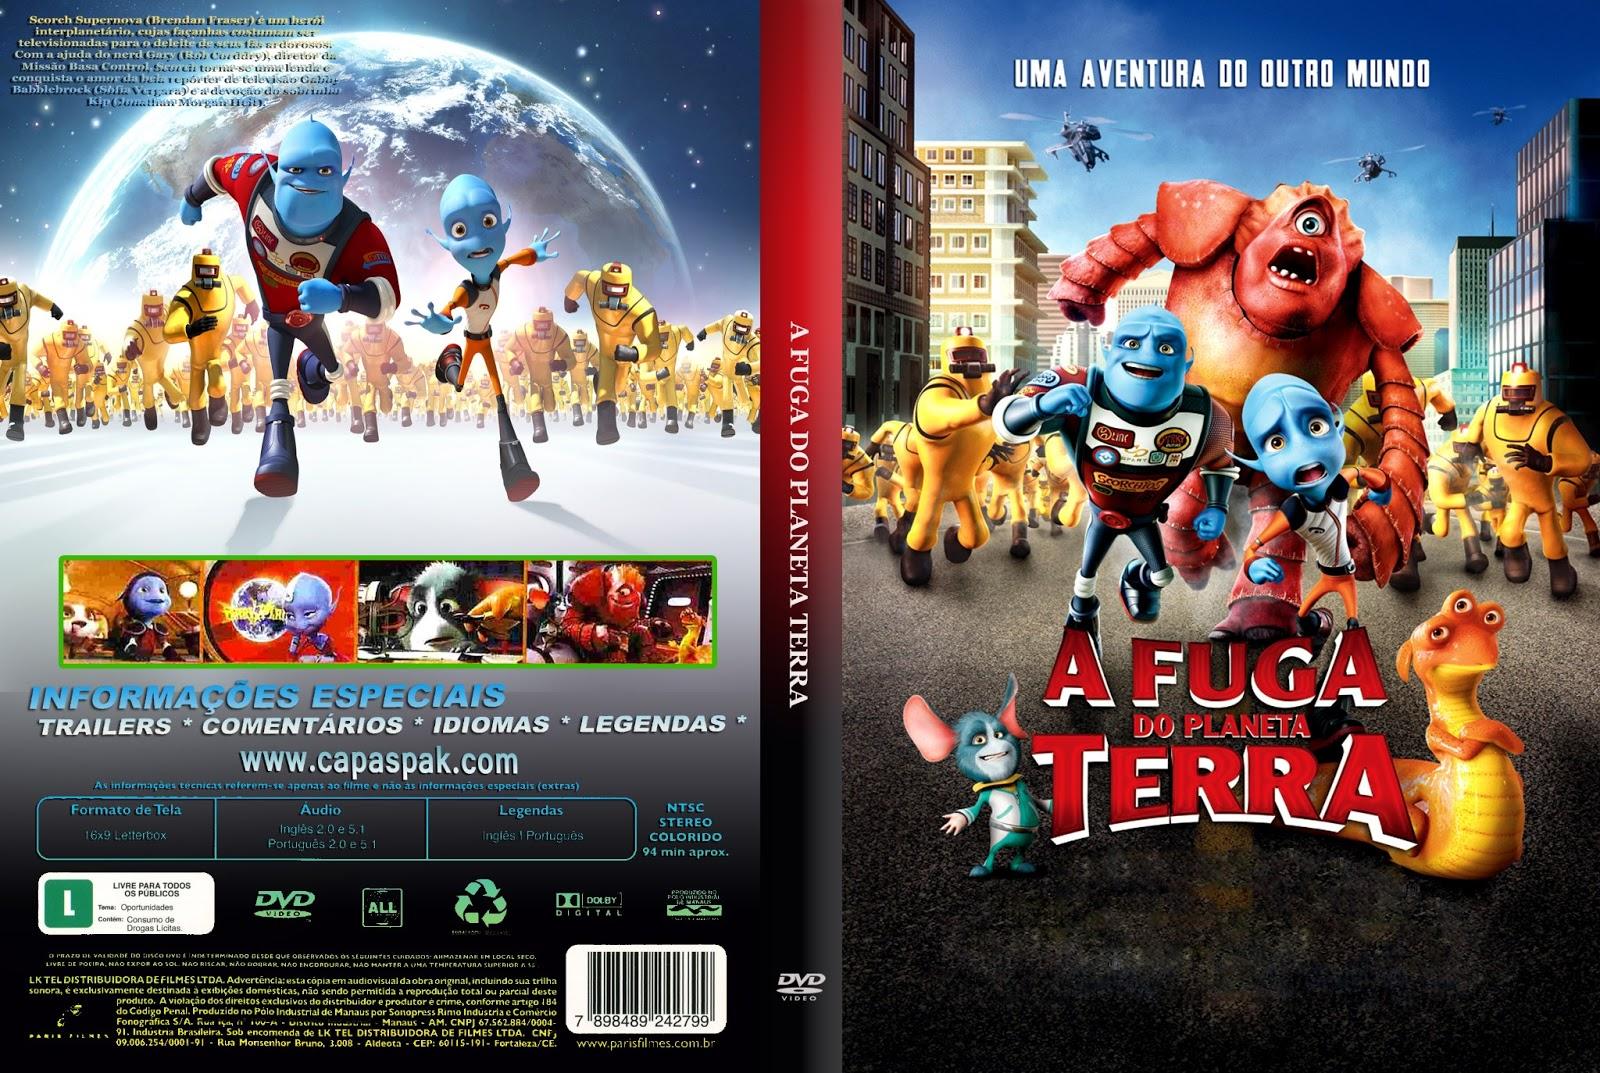 Fuga do Planeta Terra (PT-PT) A+FUGA+DO+PLANETA+TERRA